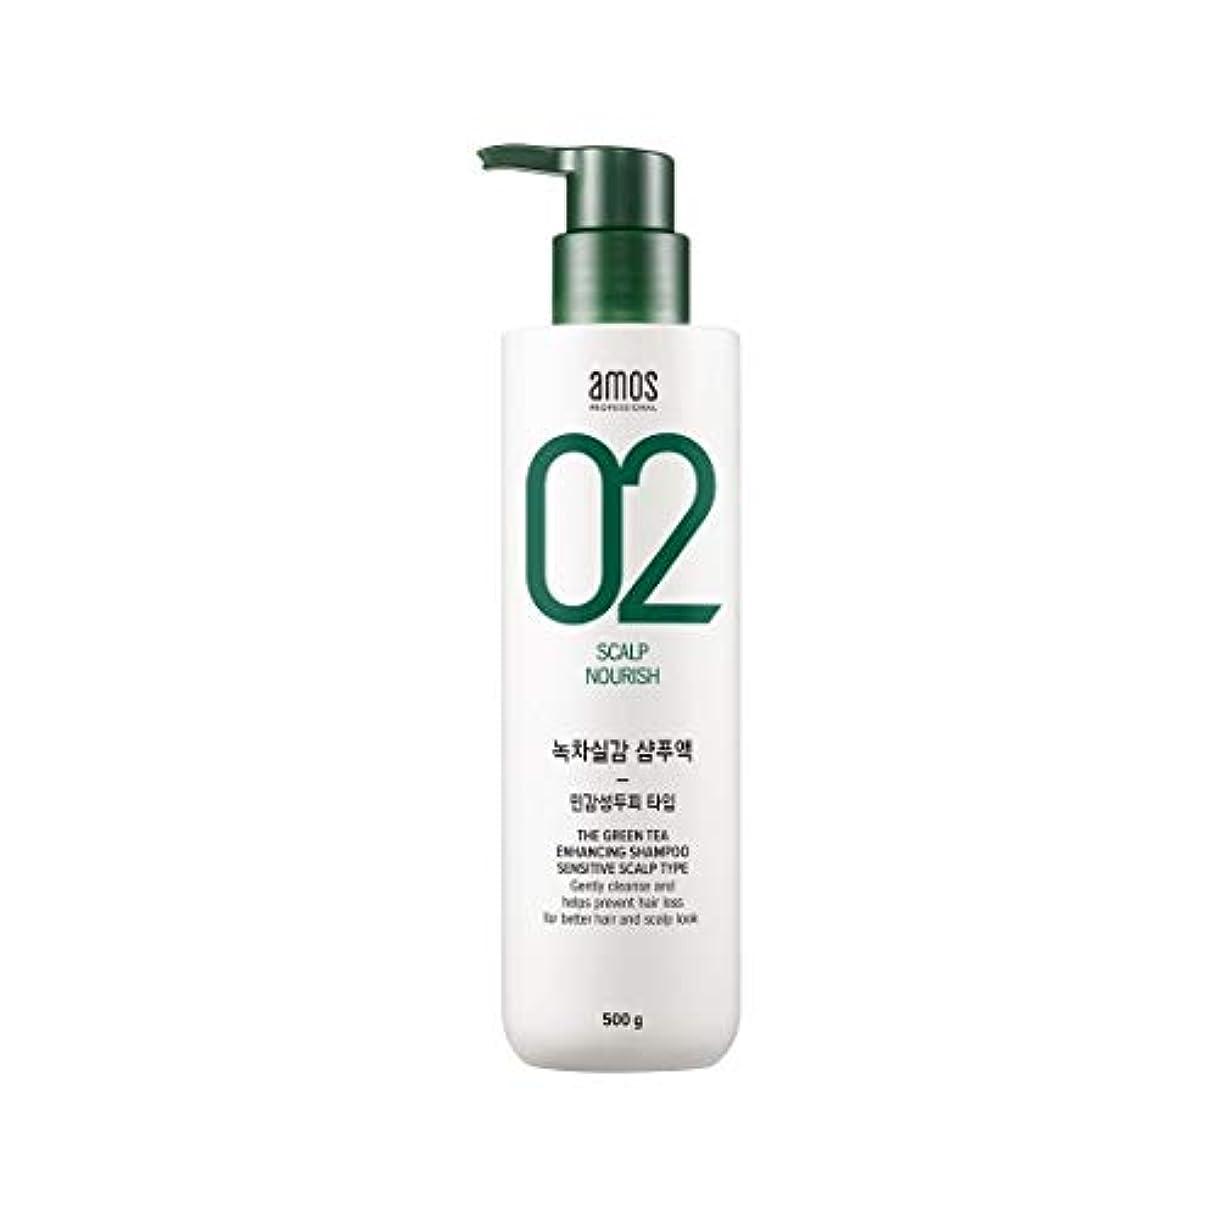 彼自身インフルエンザ器用Amos Green Tea Enhancing Shampoo -Sensitive 500g / アモス ザ グリーンティー エンハンシング シャンプー # センシンティブ スカルプタイプ [並行輸入品]